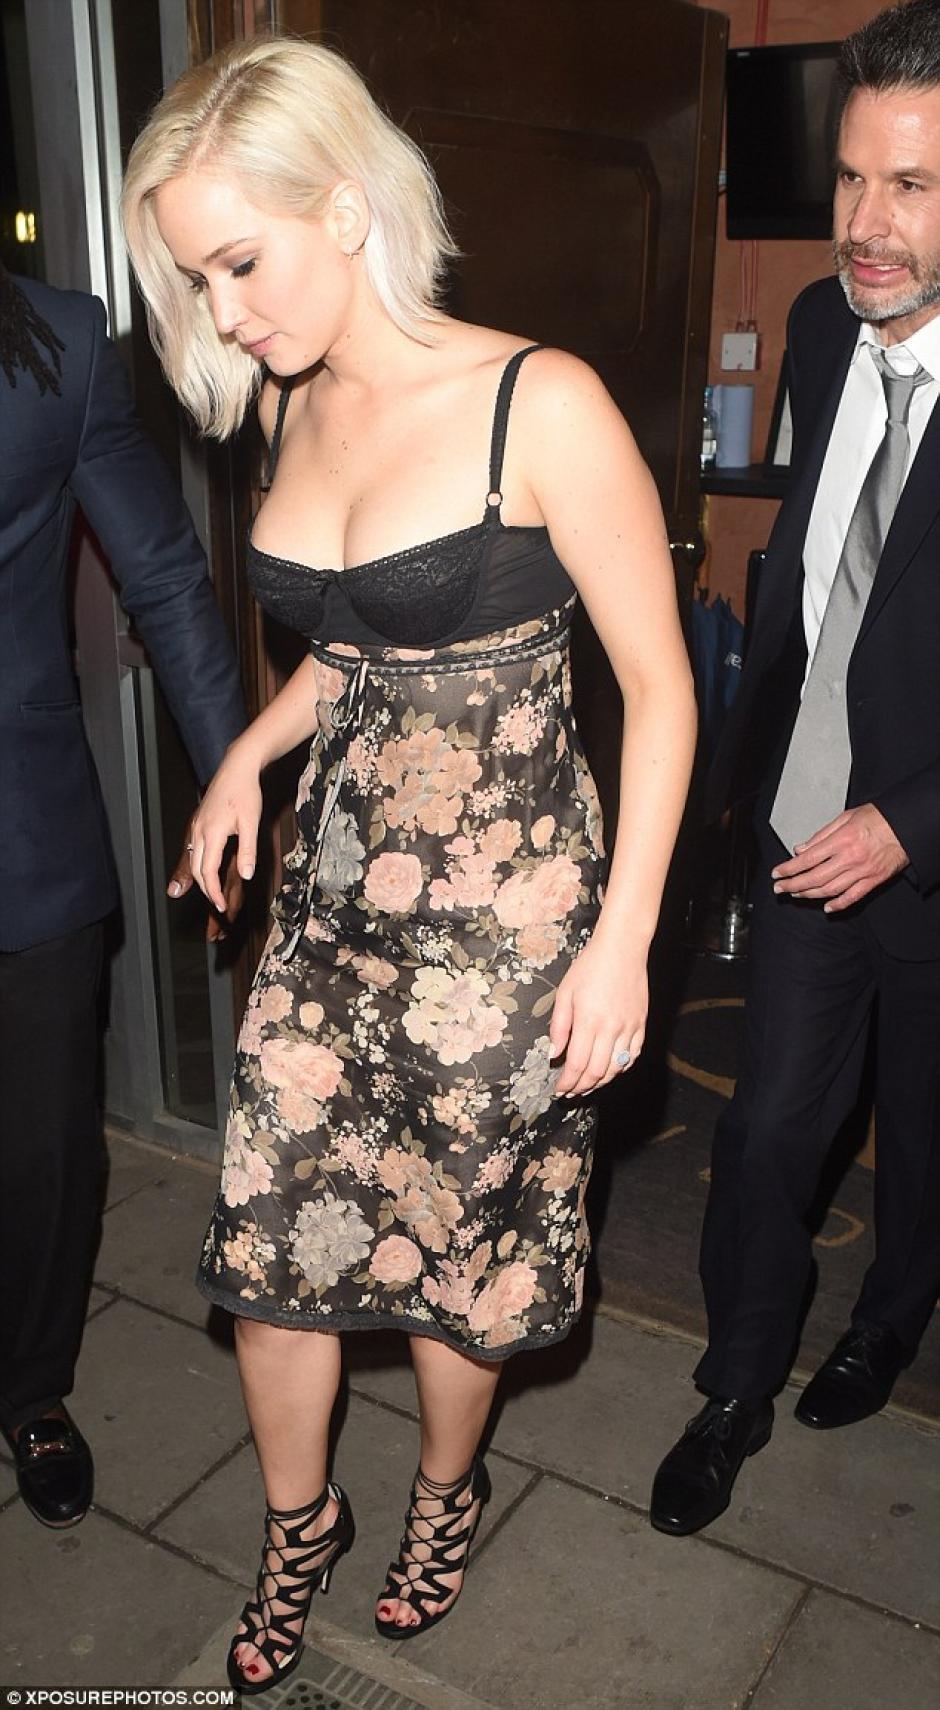 Jennifer Lawrence mostró un amplio escote en un club. (Foto: xposurephotos.com)